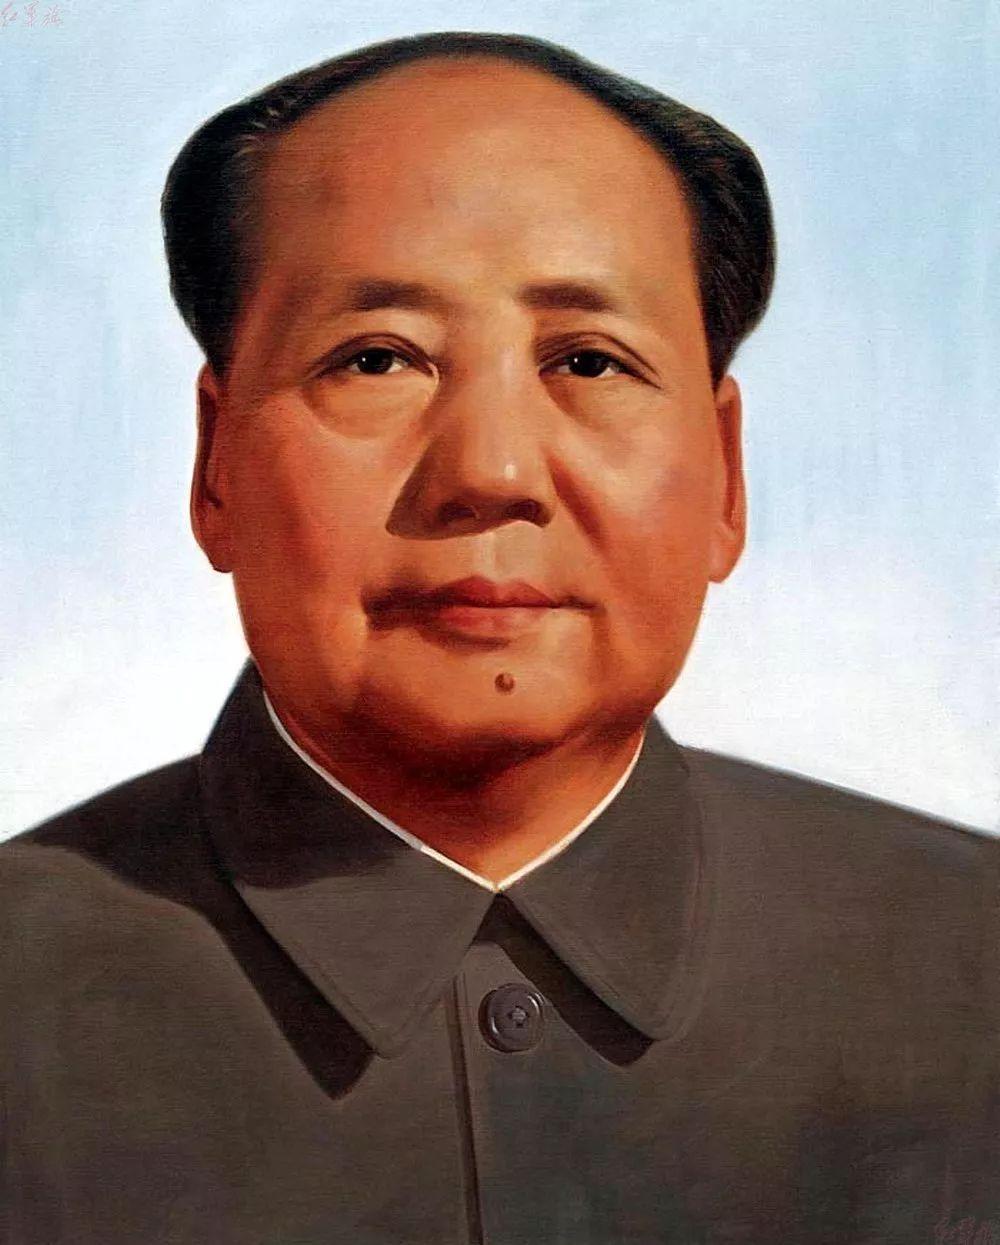 画家笔下的毛主席 缅怀毛主席逝世43周年插图